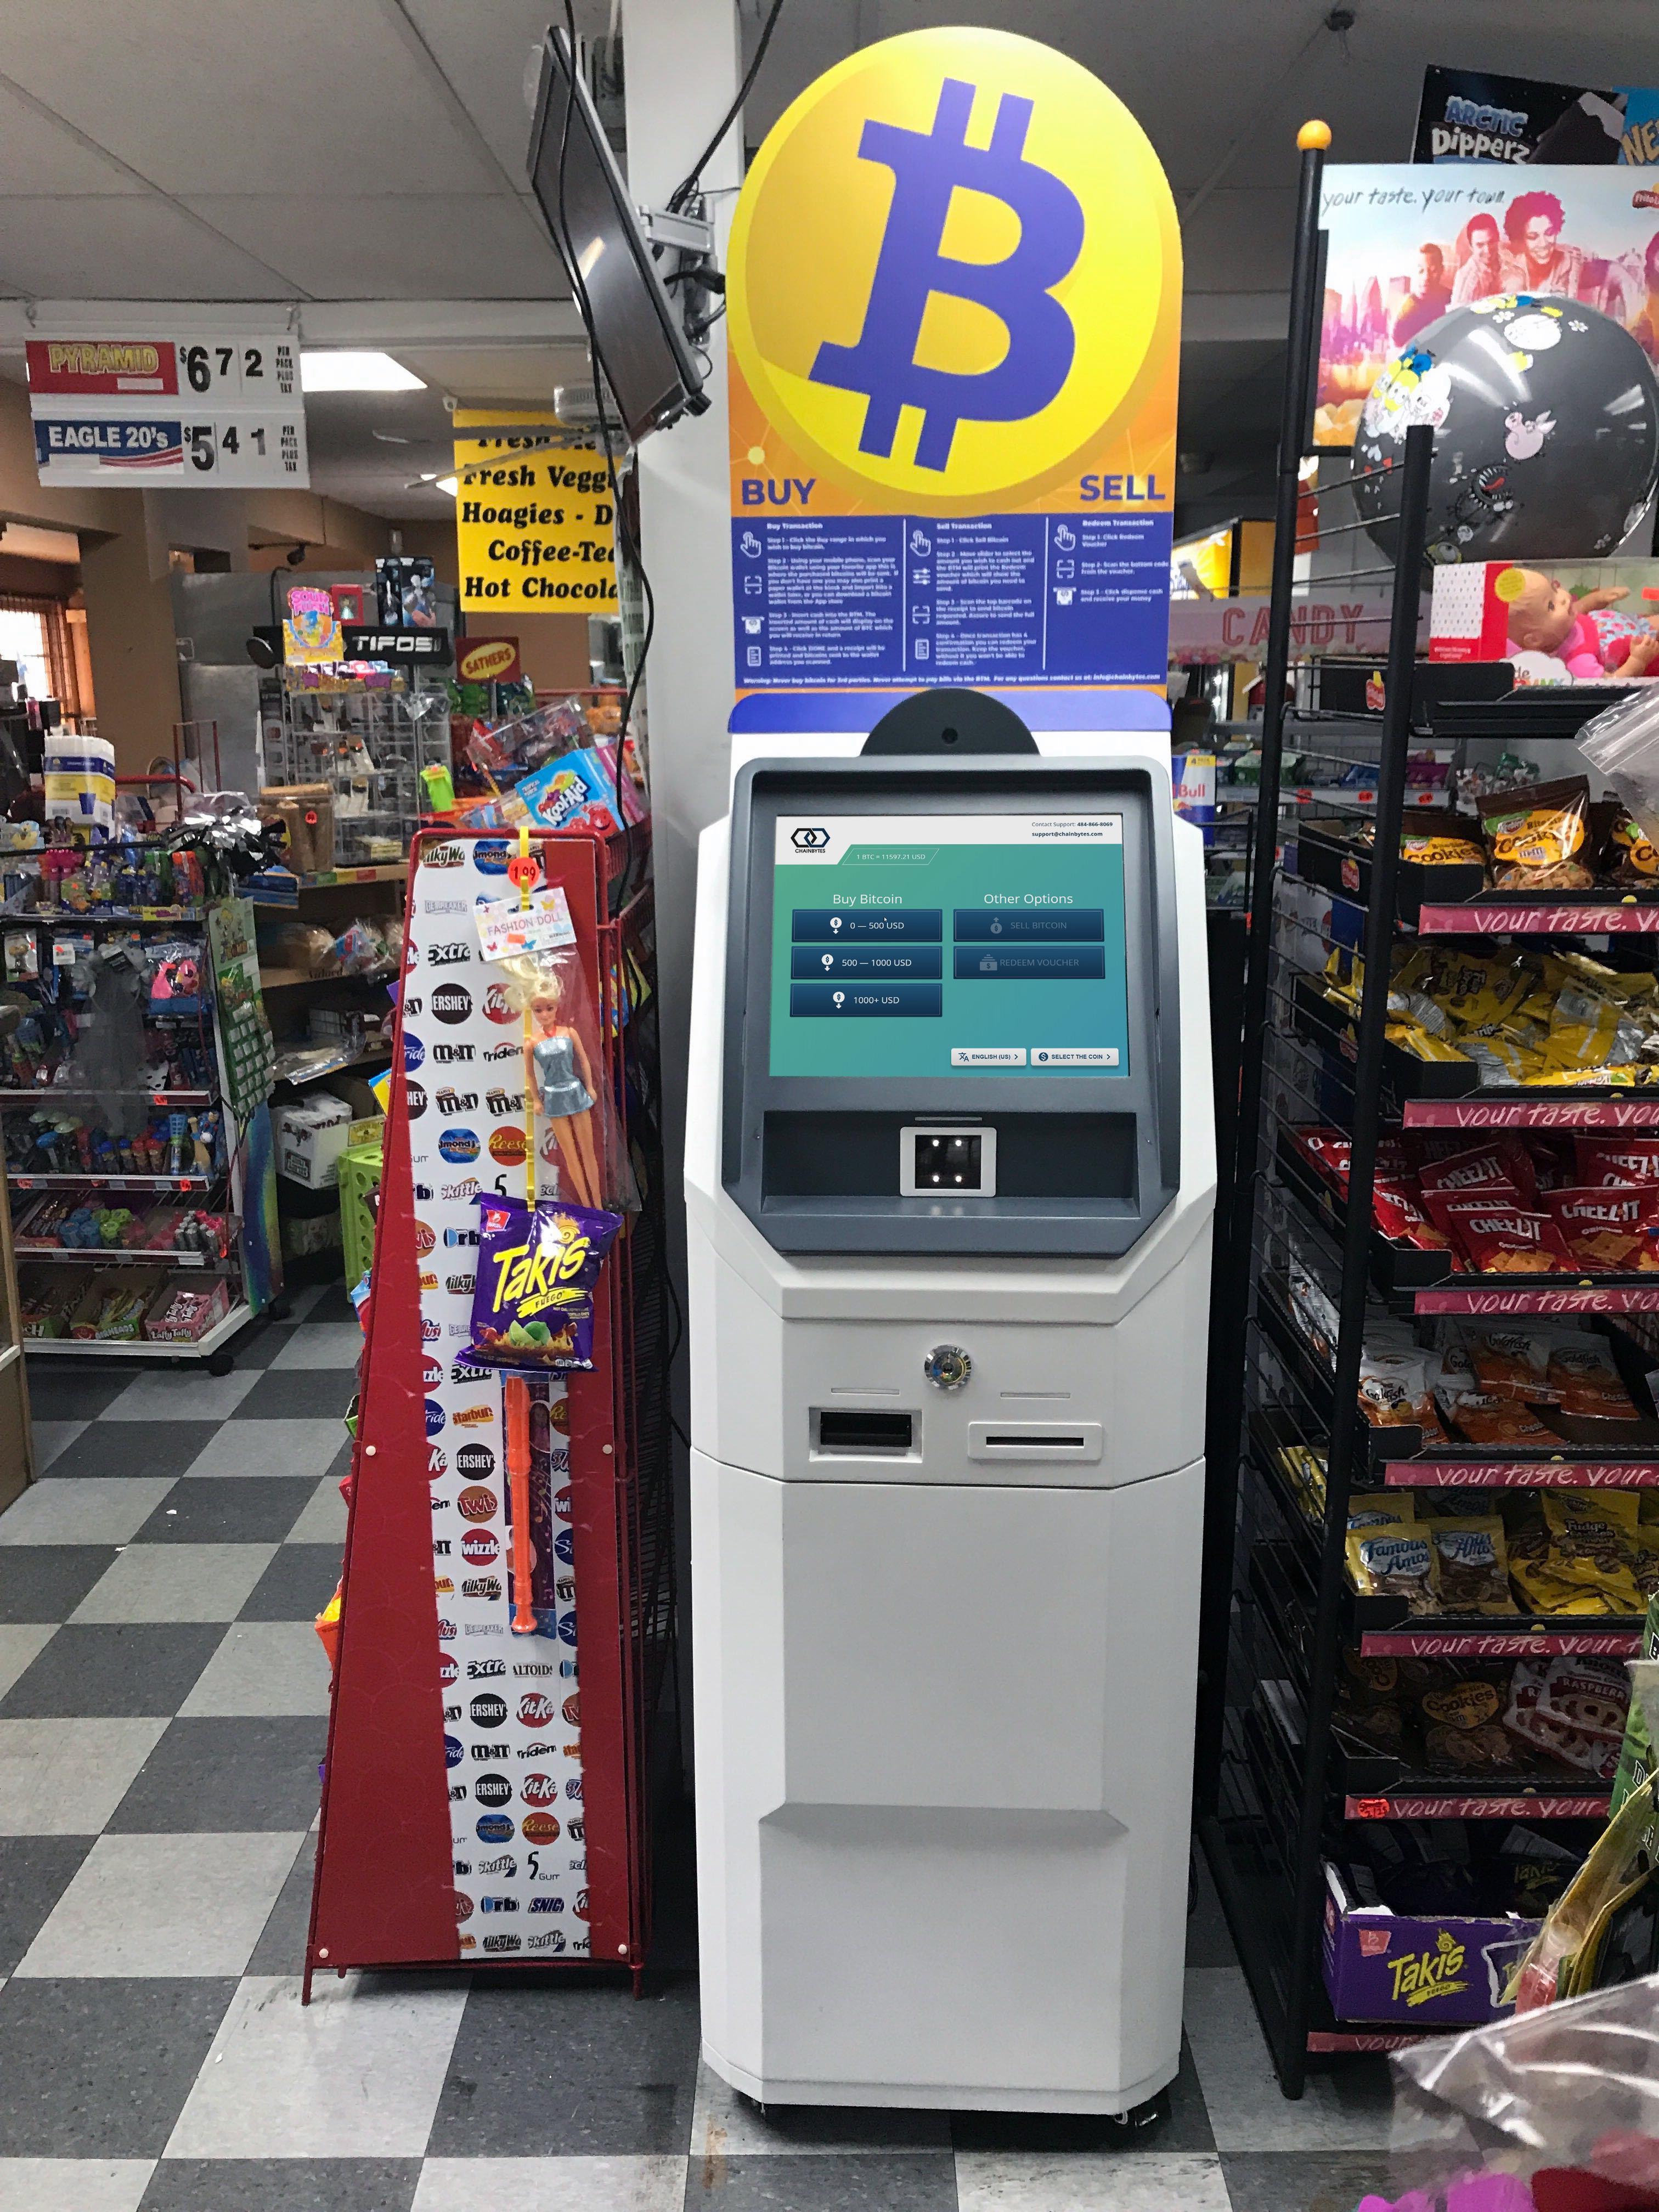 Bitcoin ATM i Eason for buying bitcoin